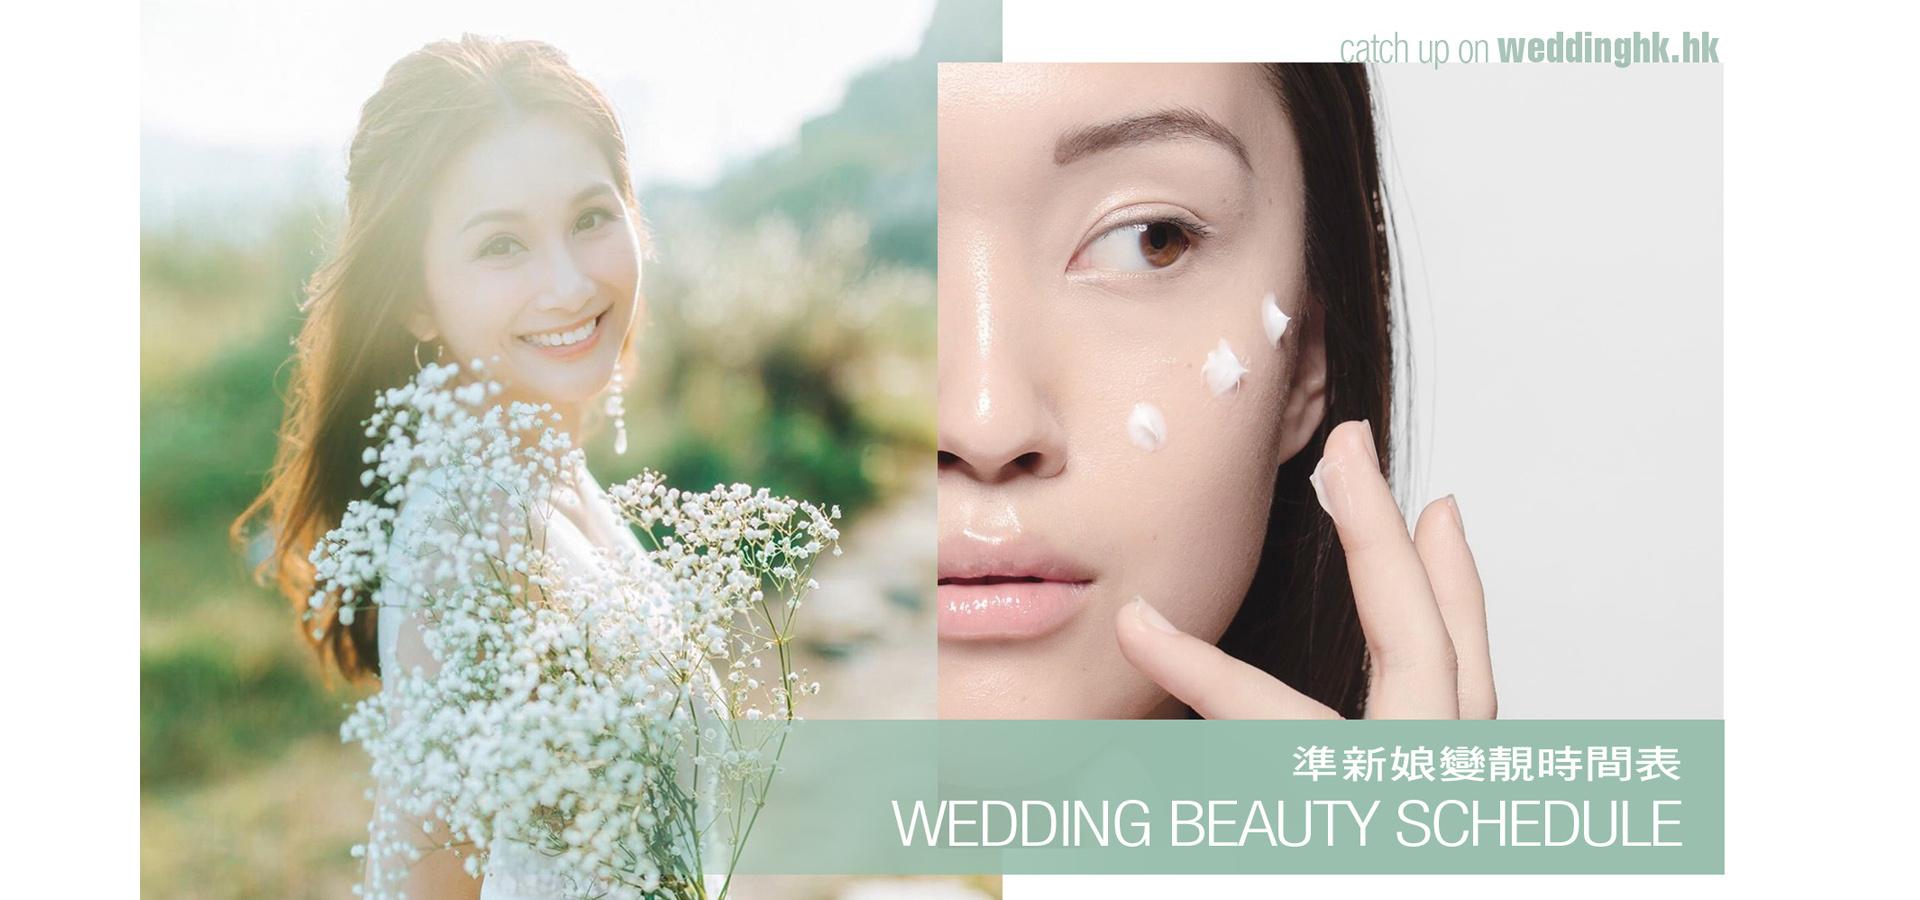 bridebeauty